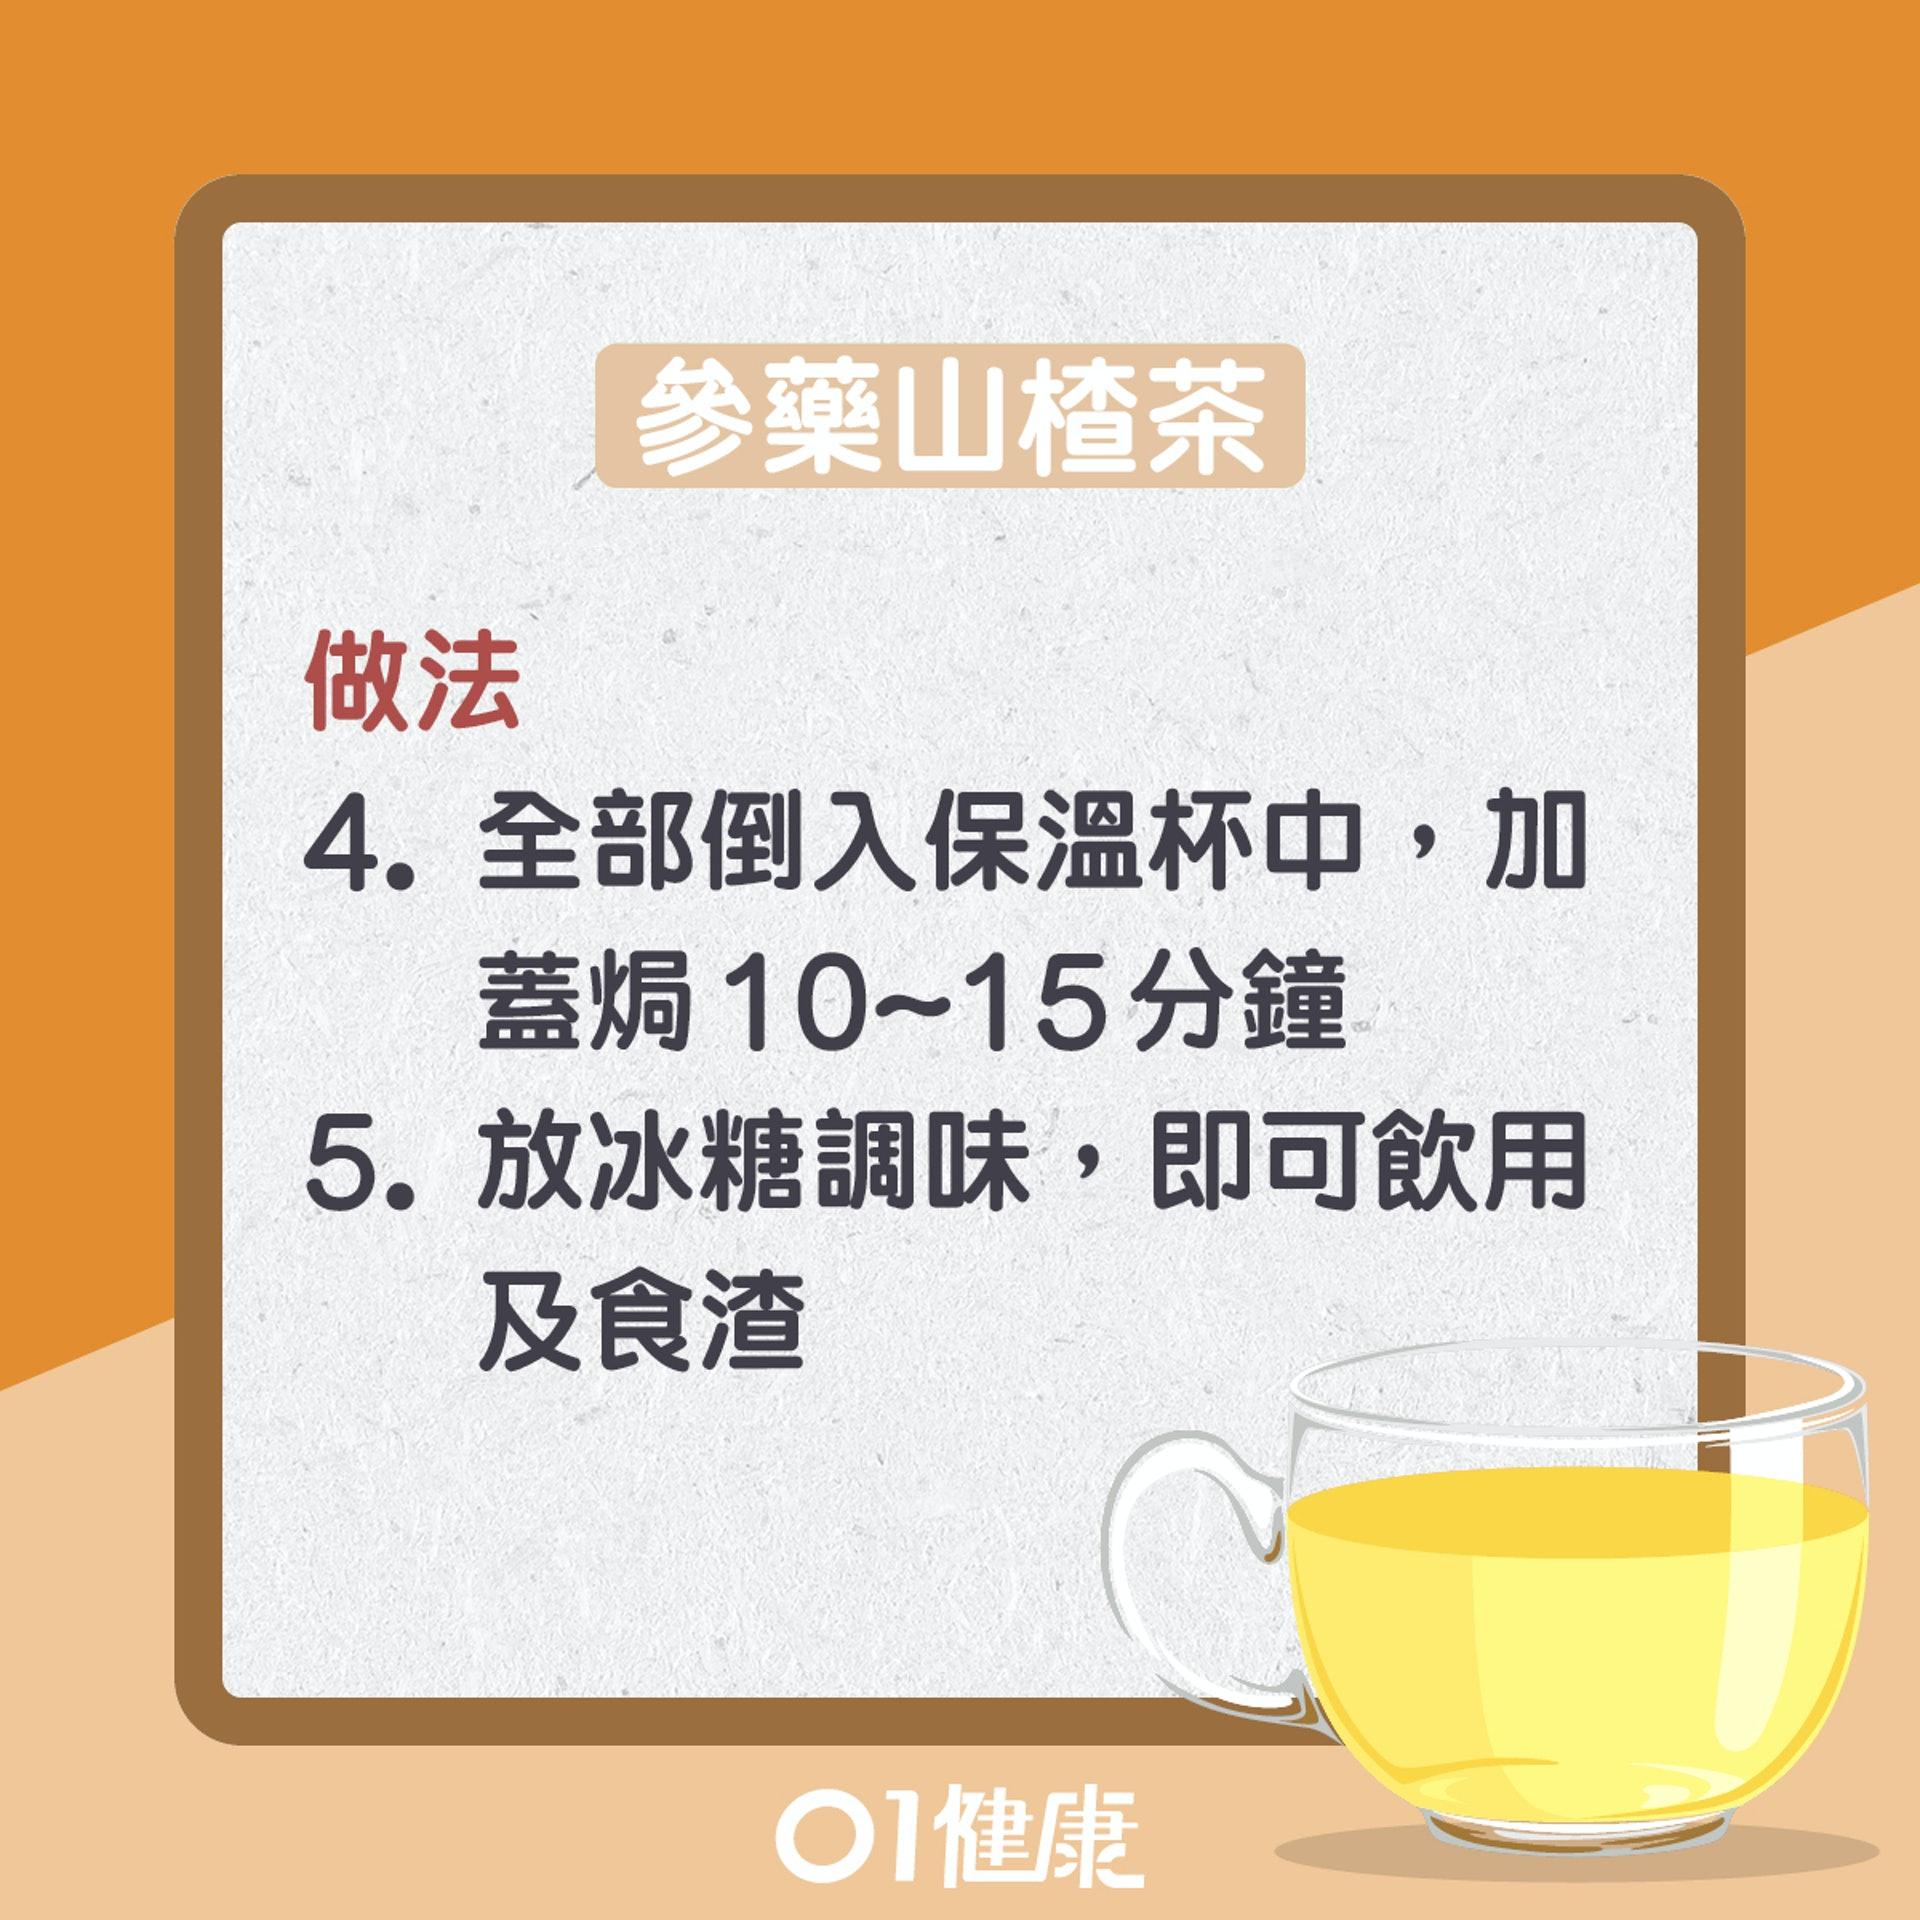 參藥山楂茶(01製圖)